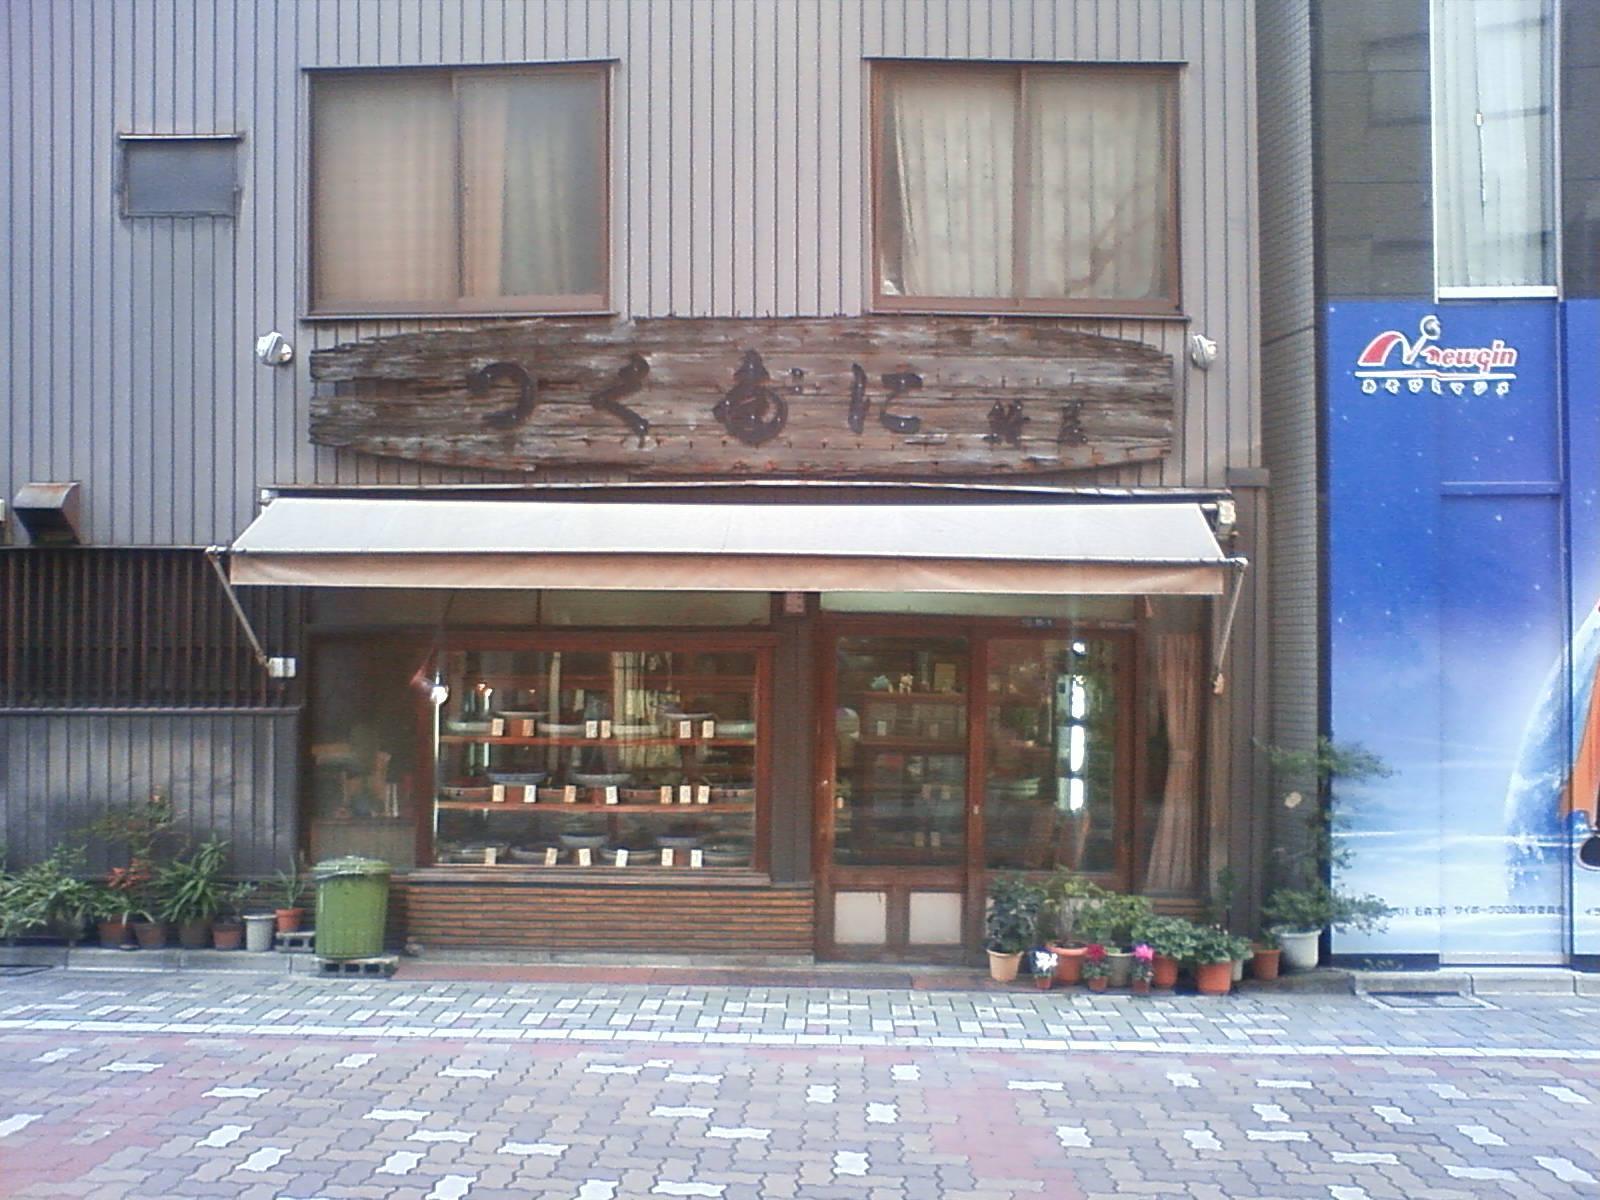 上野・佃煮・鮒藤商店/Tsukudani Funafuji @Ueno_a0186568_19131438.jpg